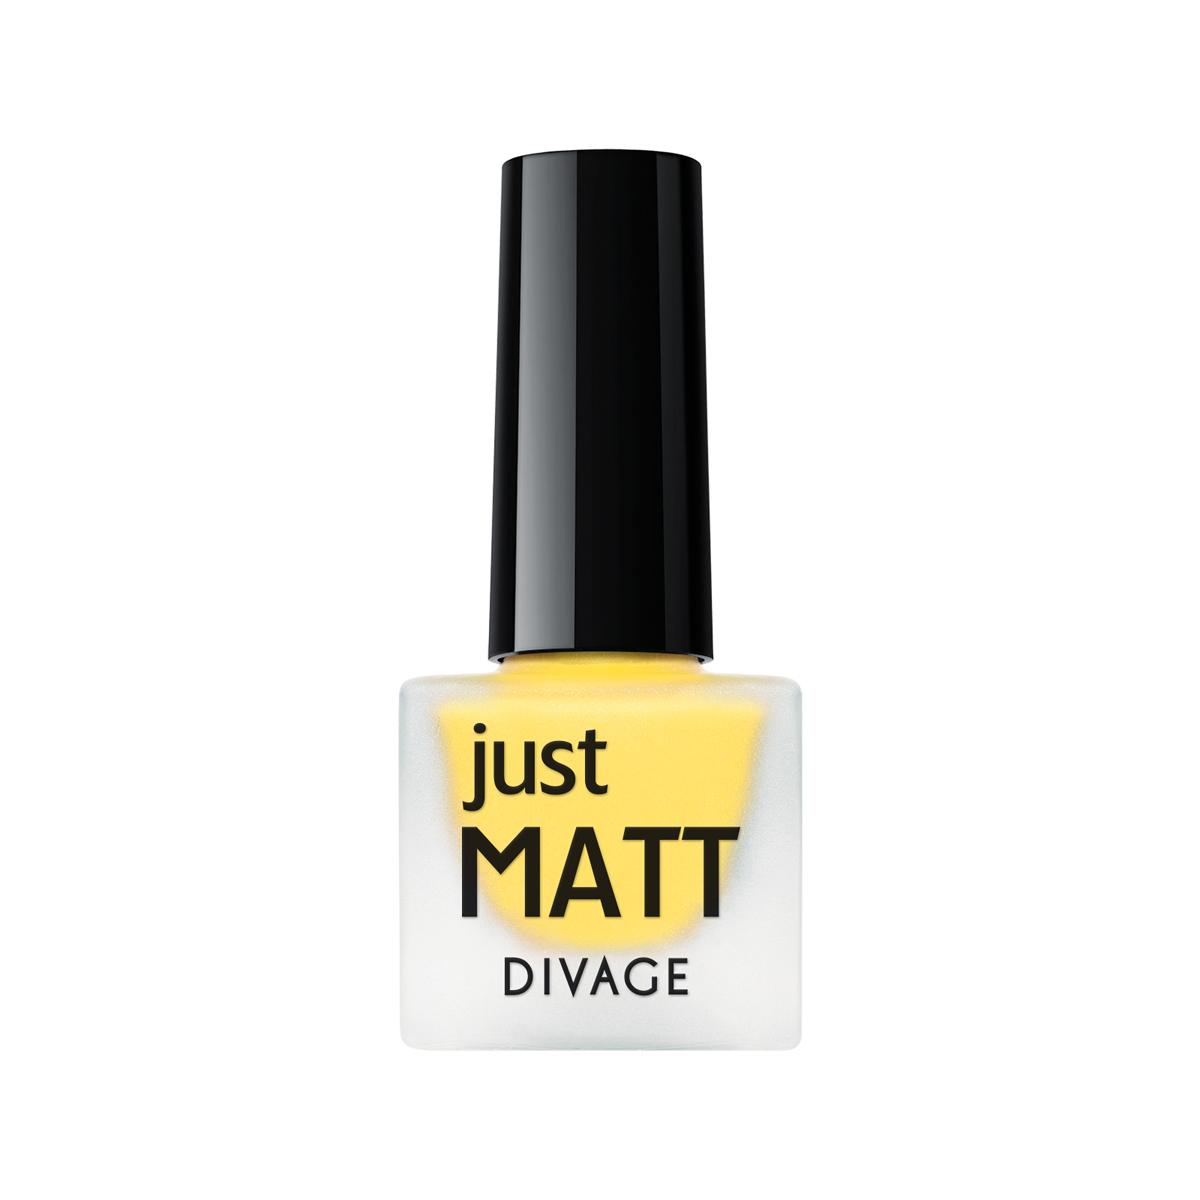 DIVAGE Лак для ногтей JUST MATT, тон № 5623, 7 мл004382Лак для ногтей Divage Just Matt с матовым эффектом имеет легкую бархатистую текстуру (Soft Touch) и удобный мини формат упаковки. Наносится идеально ровно, визуально сглаживая неровности ногтевой пластины. Характеристики: Объем: 7 мл. Тон: №5623. Товар сертифицирован.